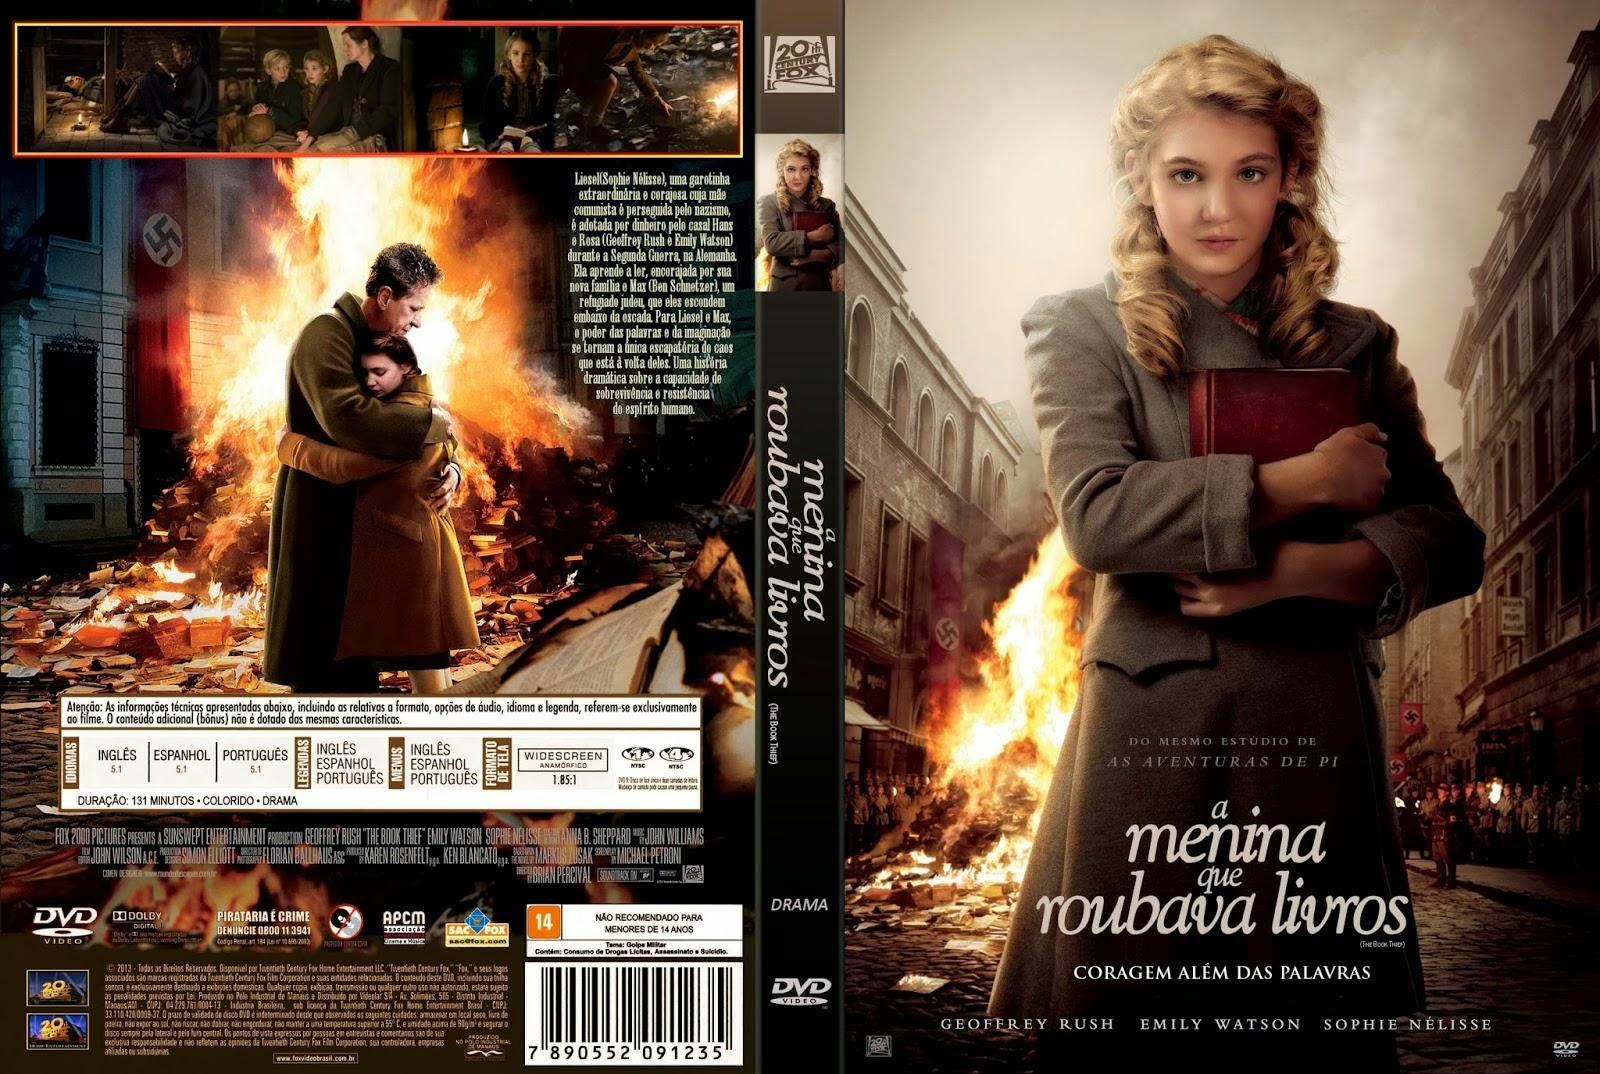 A Menina Que Roubava Livros DVD Capa